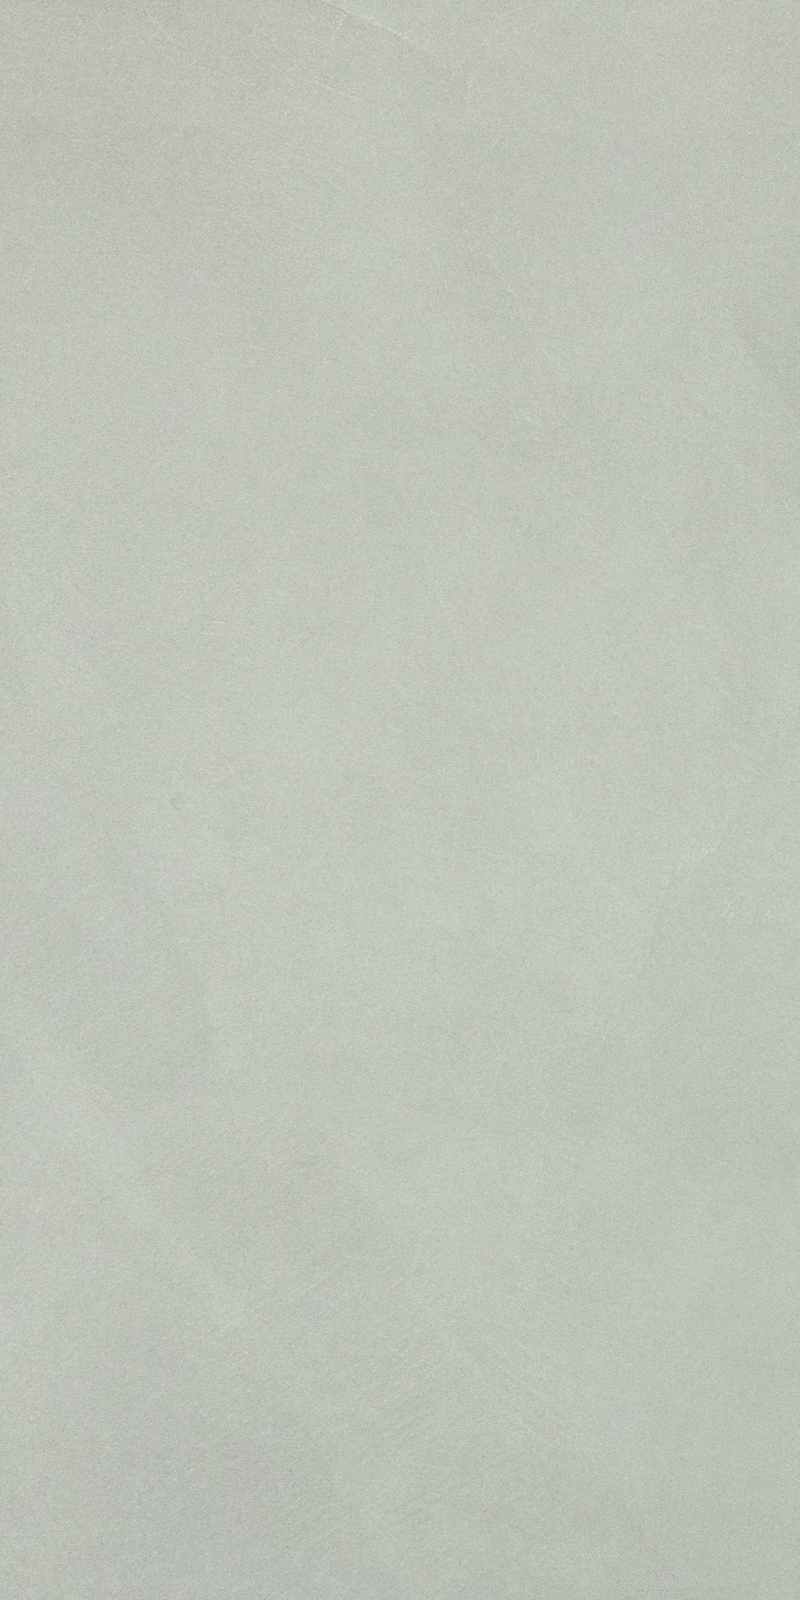 BLOCK   300X600 GREIGE - (Euro/Mq 24,89)